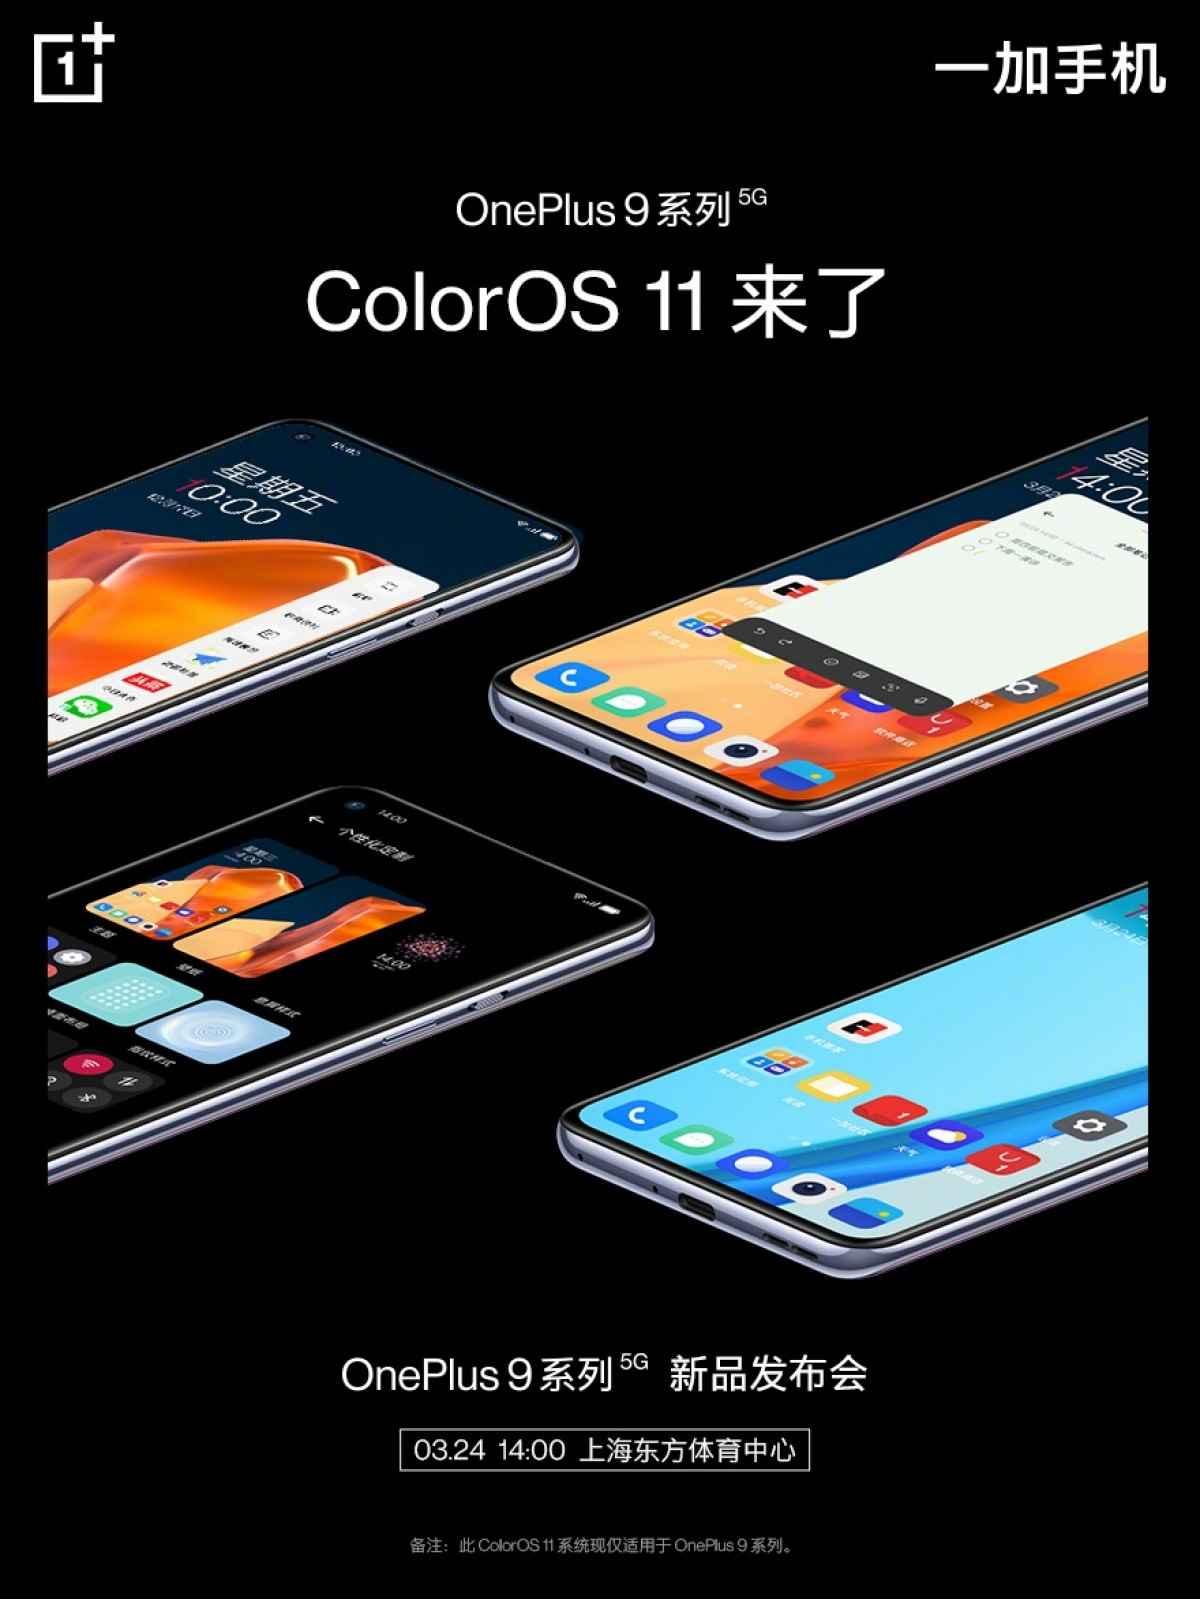 عرضه وان پلاس ۹ با ColorOS ۱۱